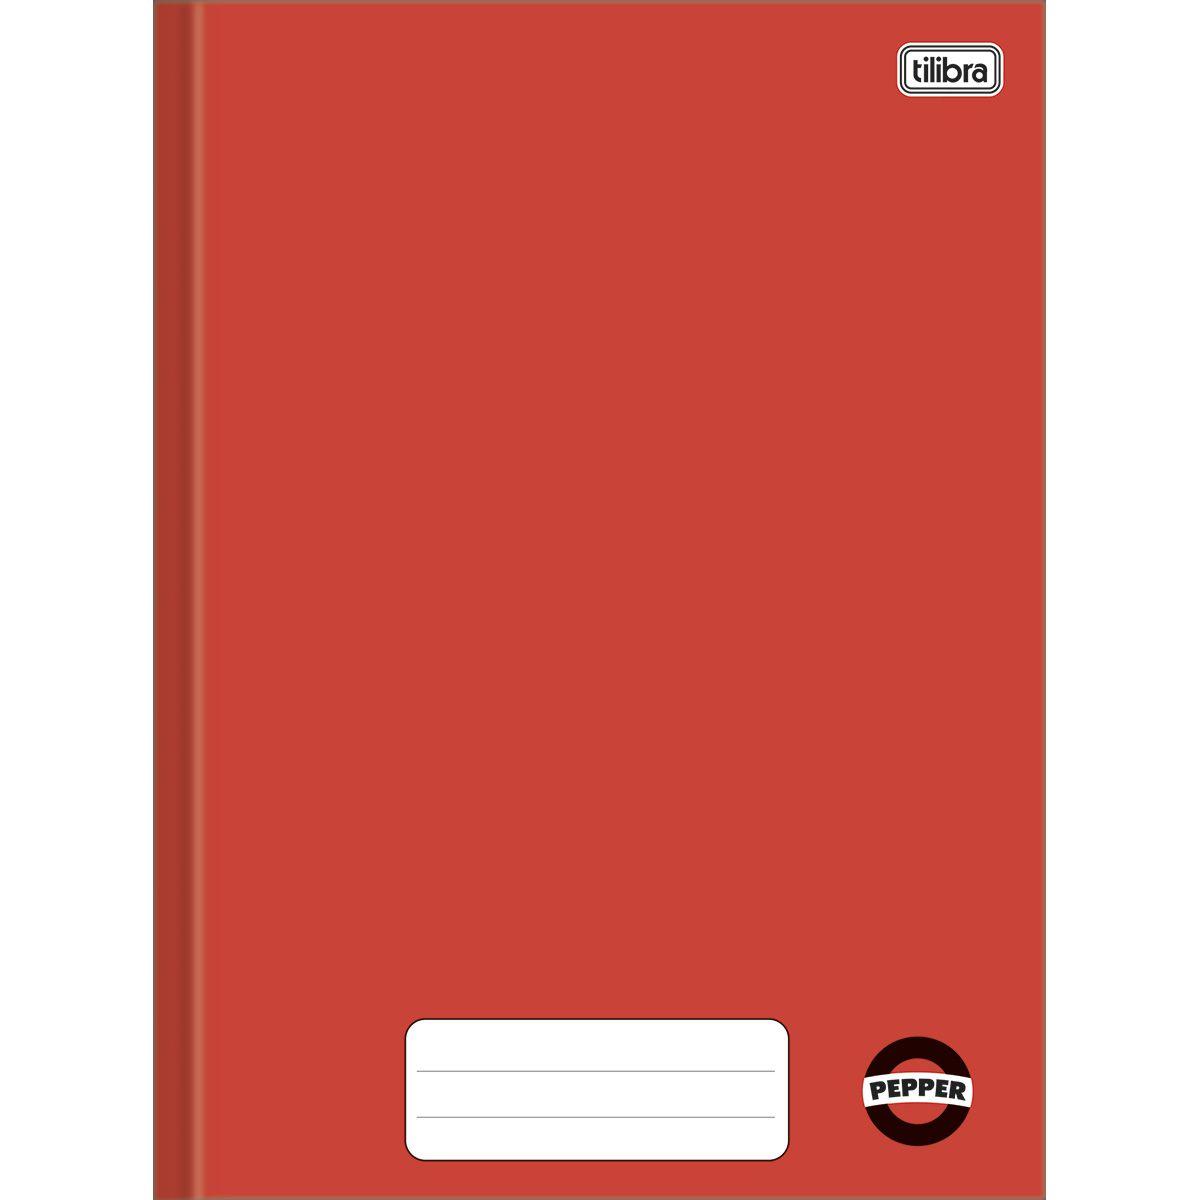 Caderno brochura 1/4 40 fls vermelho PEPPER Tilibra